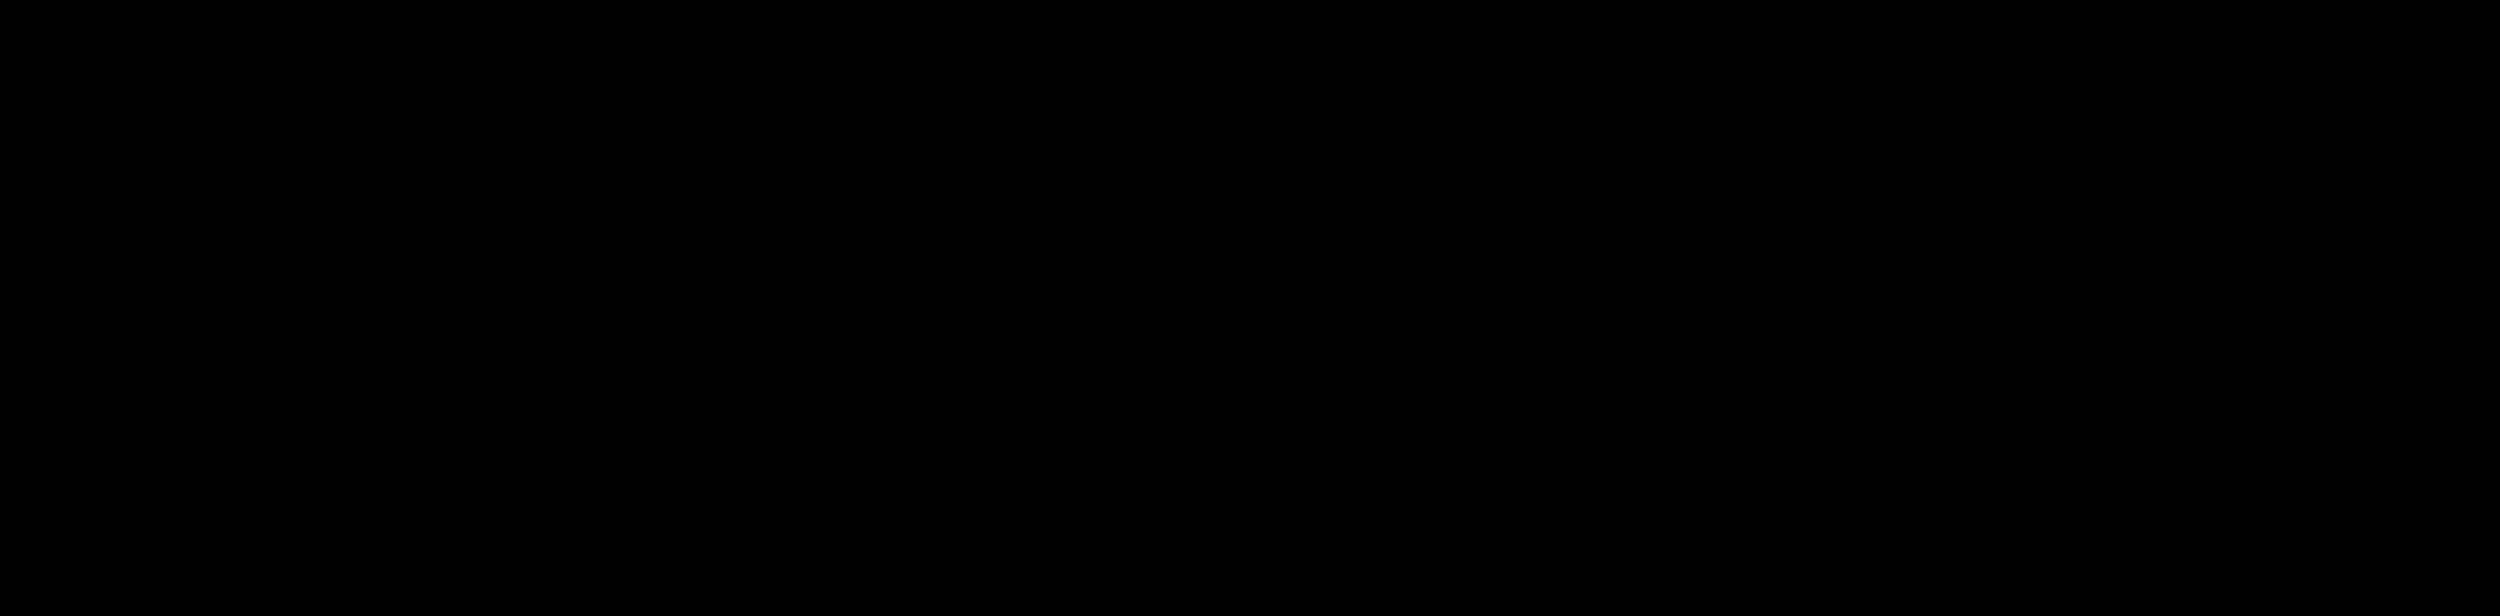 TRS-logo_Black.png